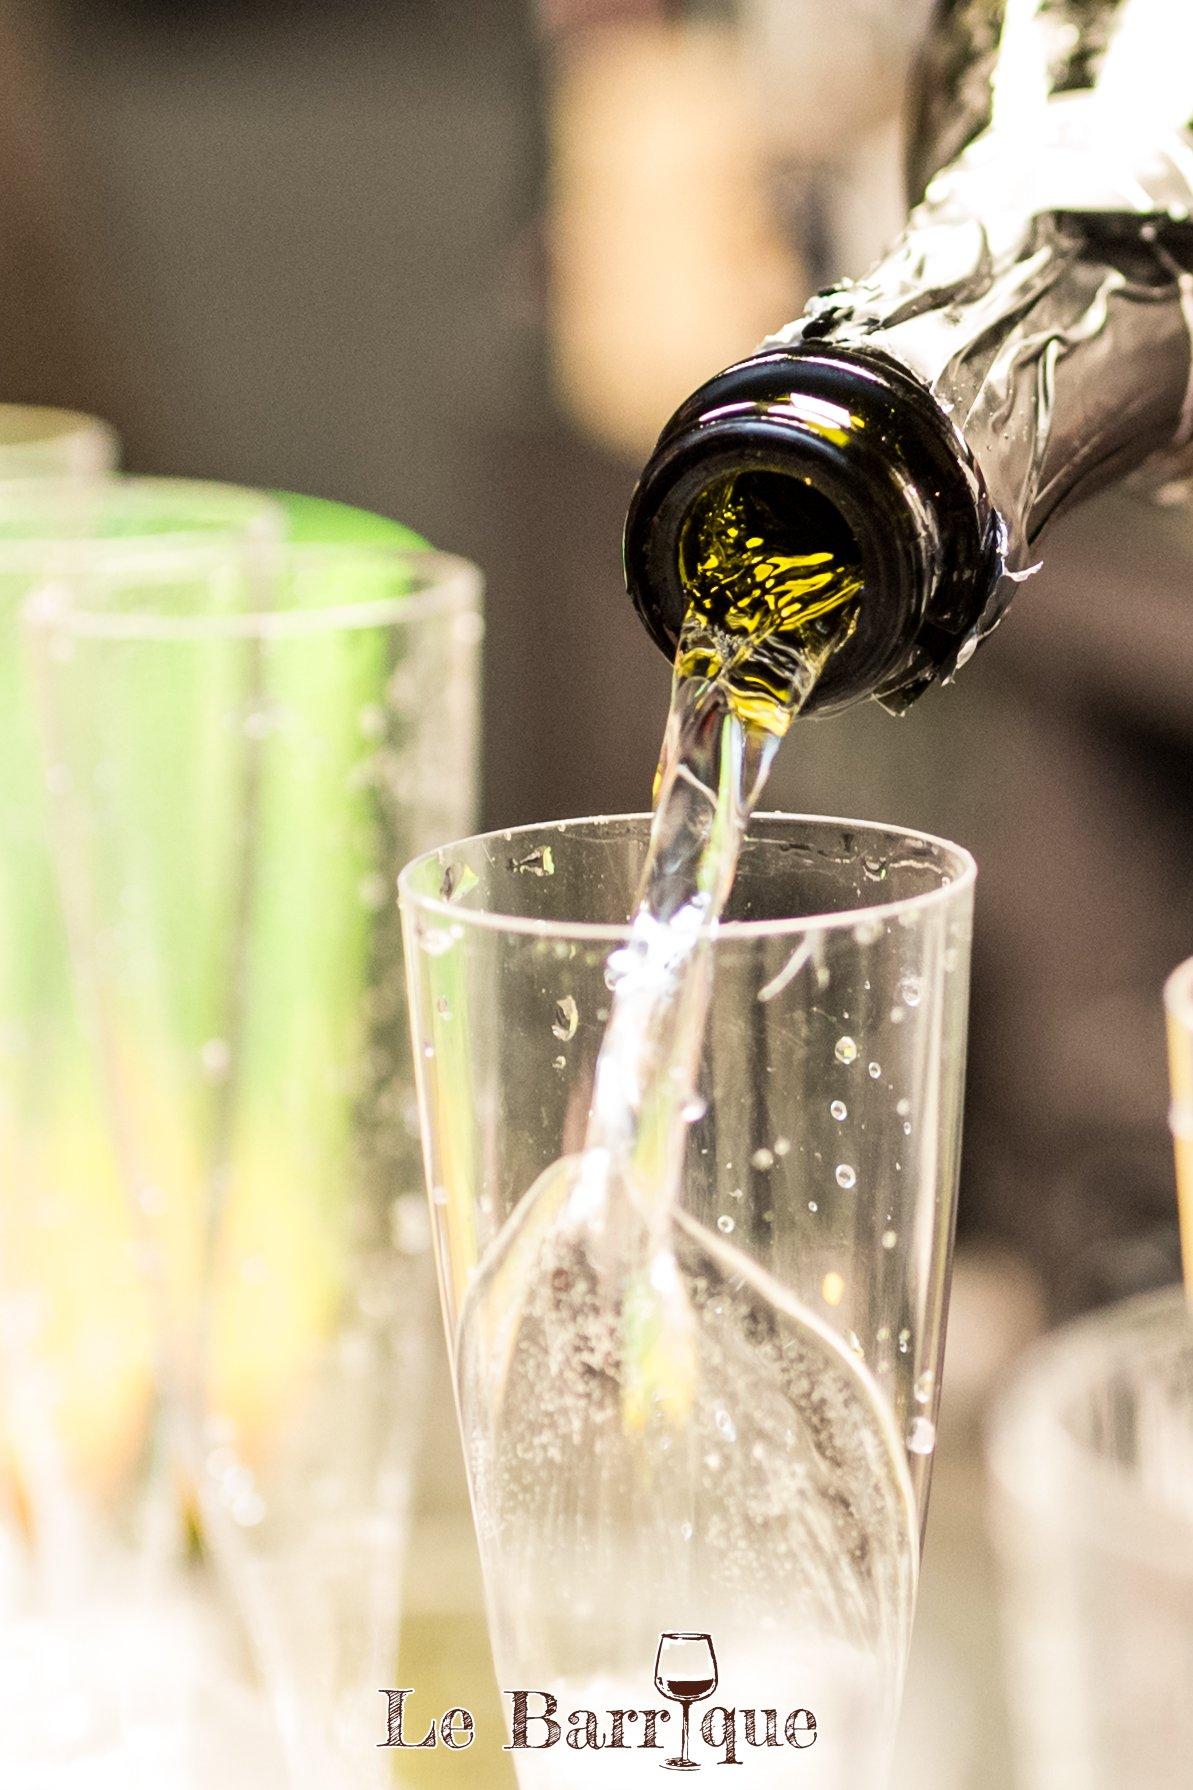 Bottiglia di champagne che versa lo stesso in un bicchiere